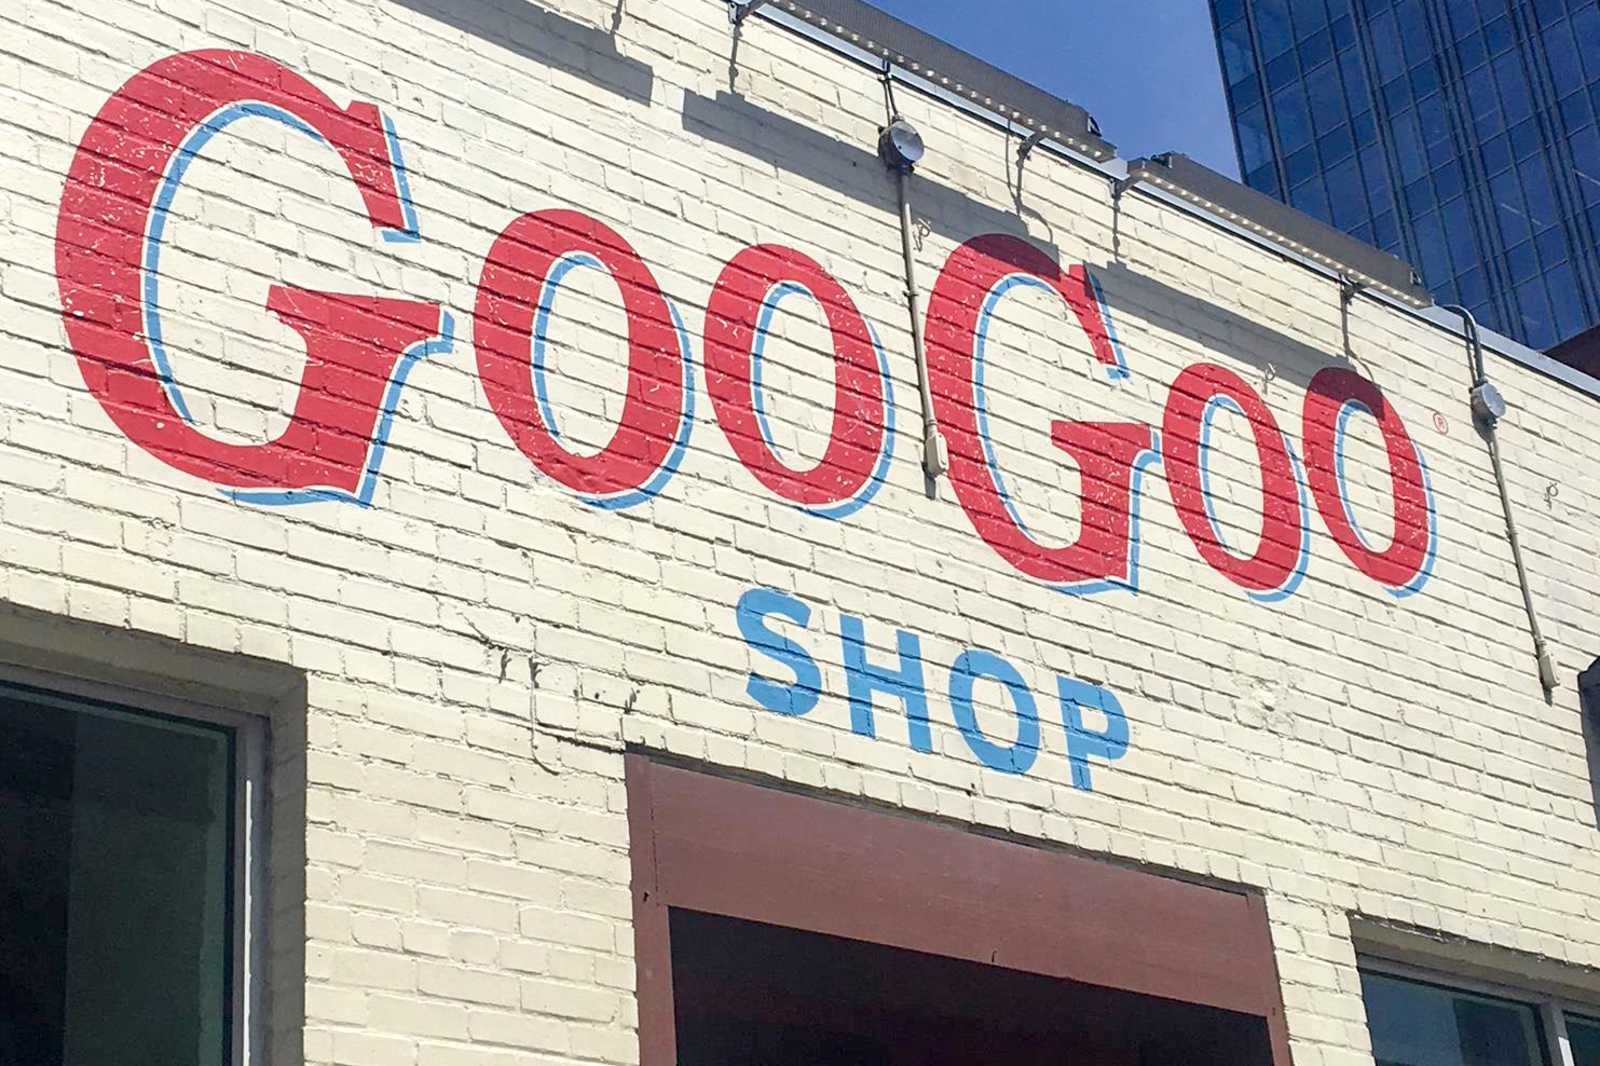 Der Süßwarenladen Goo Goo Shop in Nashville